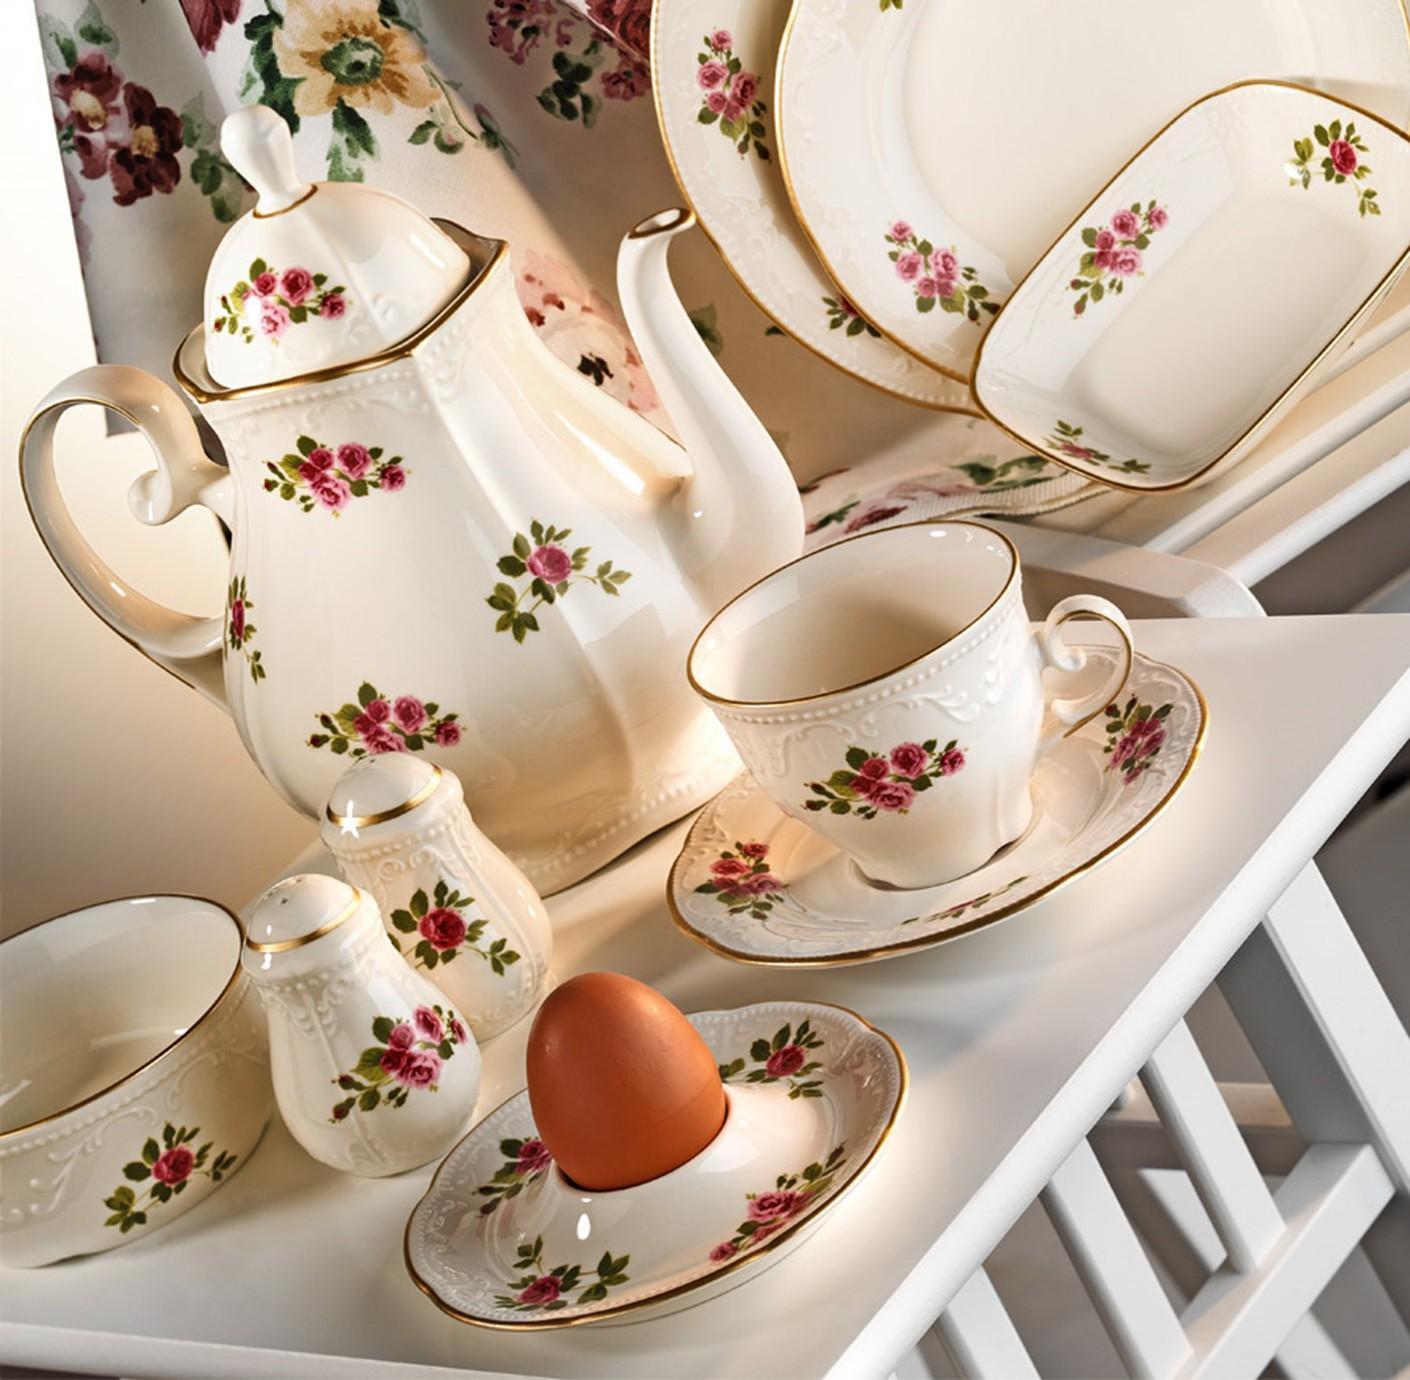 Kutahya Porselen MITTERTEICH CAPRICE 42 Pieces 77752 Patterned Dinnerware Set